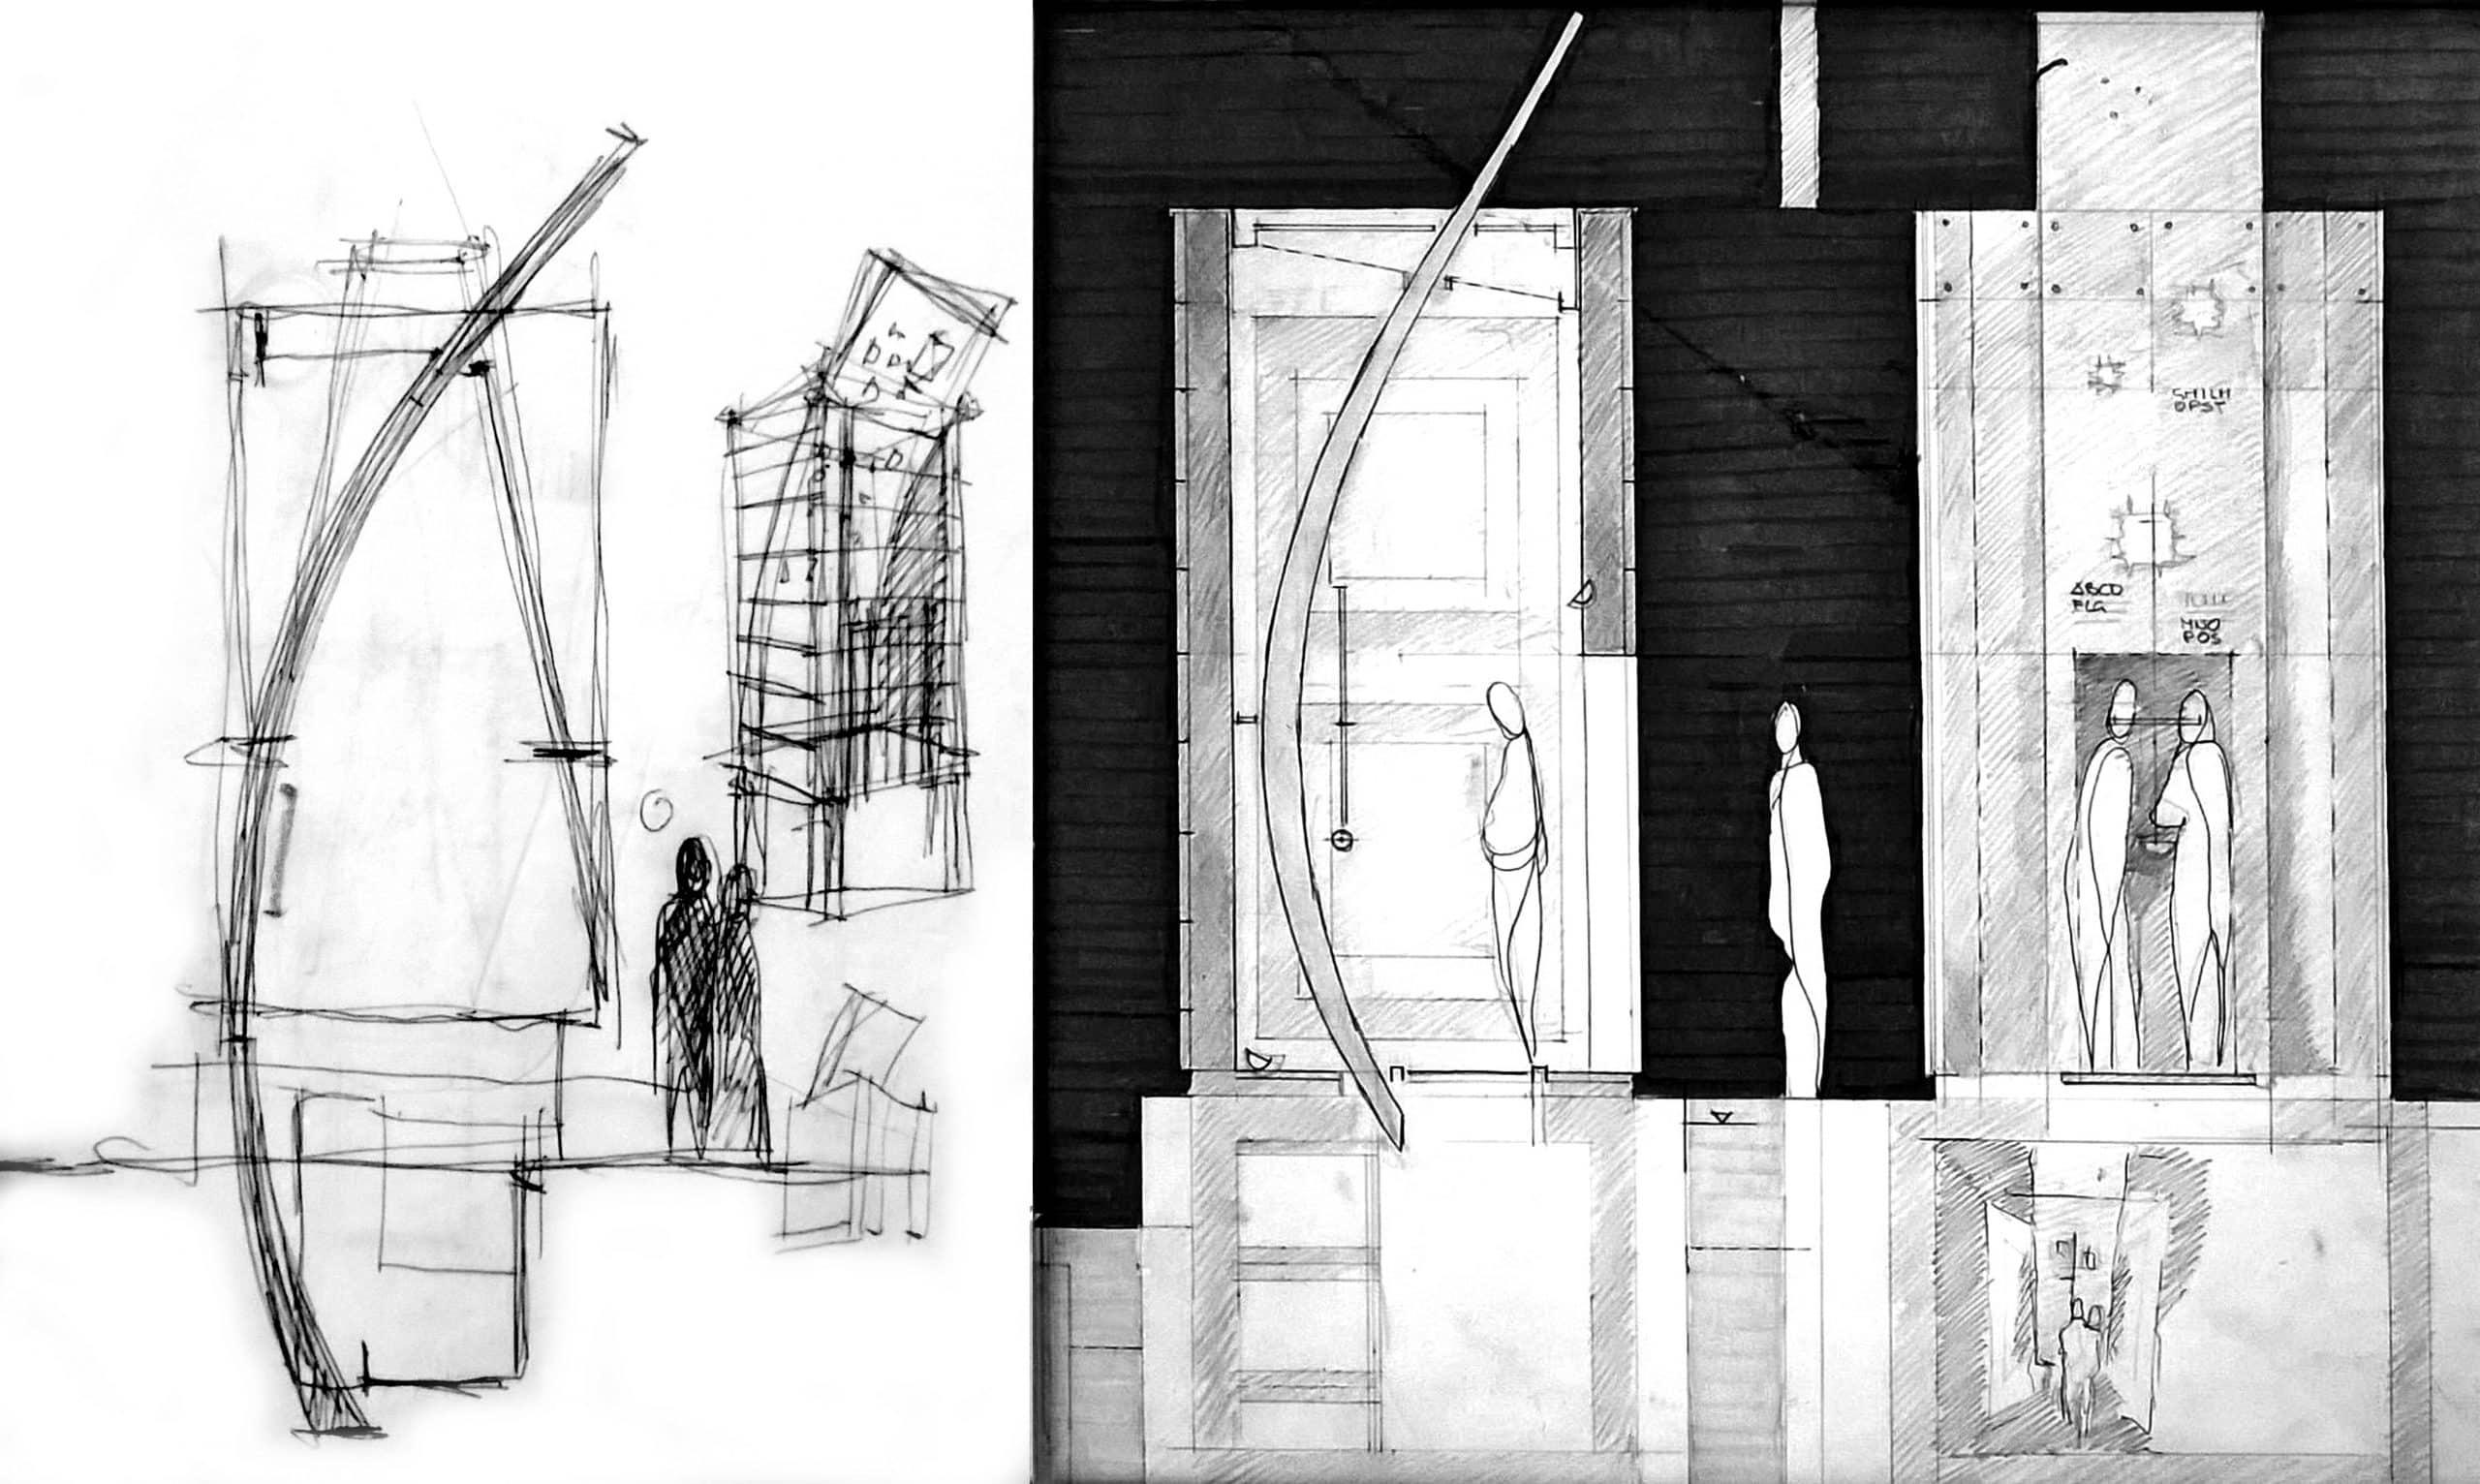 22 - Progetto di una cappella funeraria del Cimitero di S. Ponziano, Spoleto (PG) - Schizzi di studio